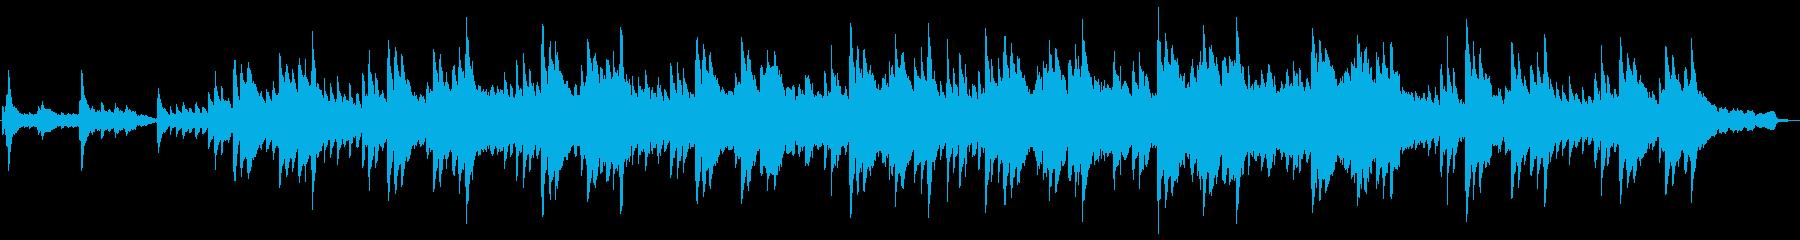 しっとり3拍子の鍵盤ハーモニカとピアノの再生済みの波形